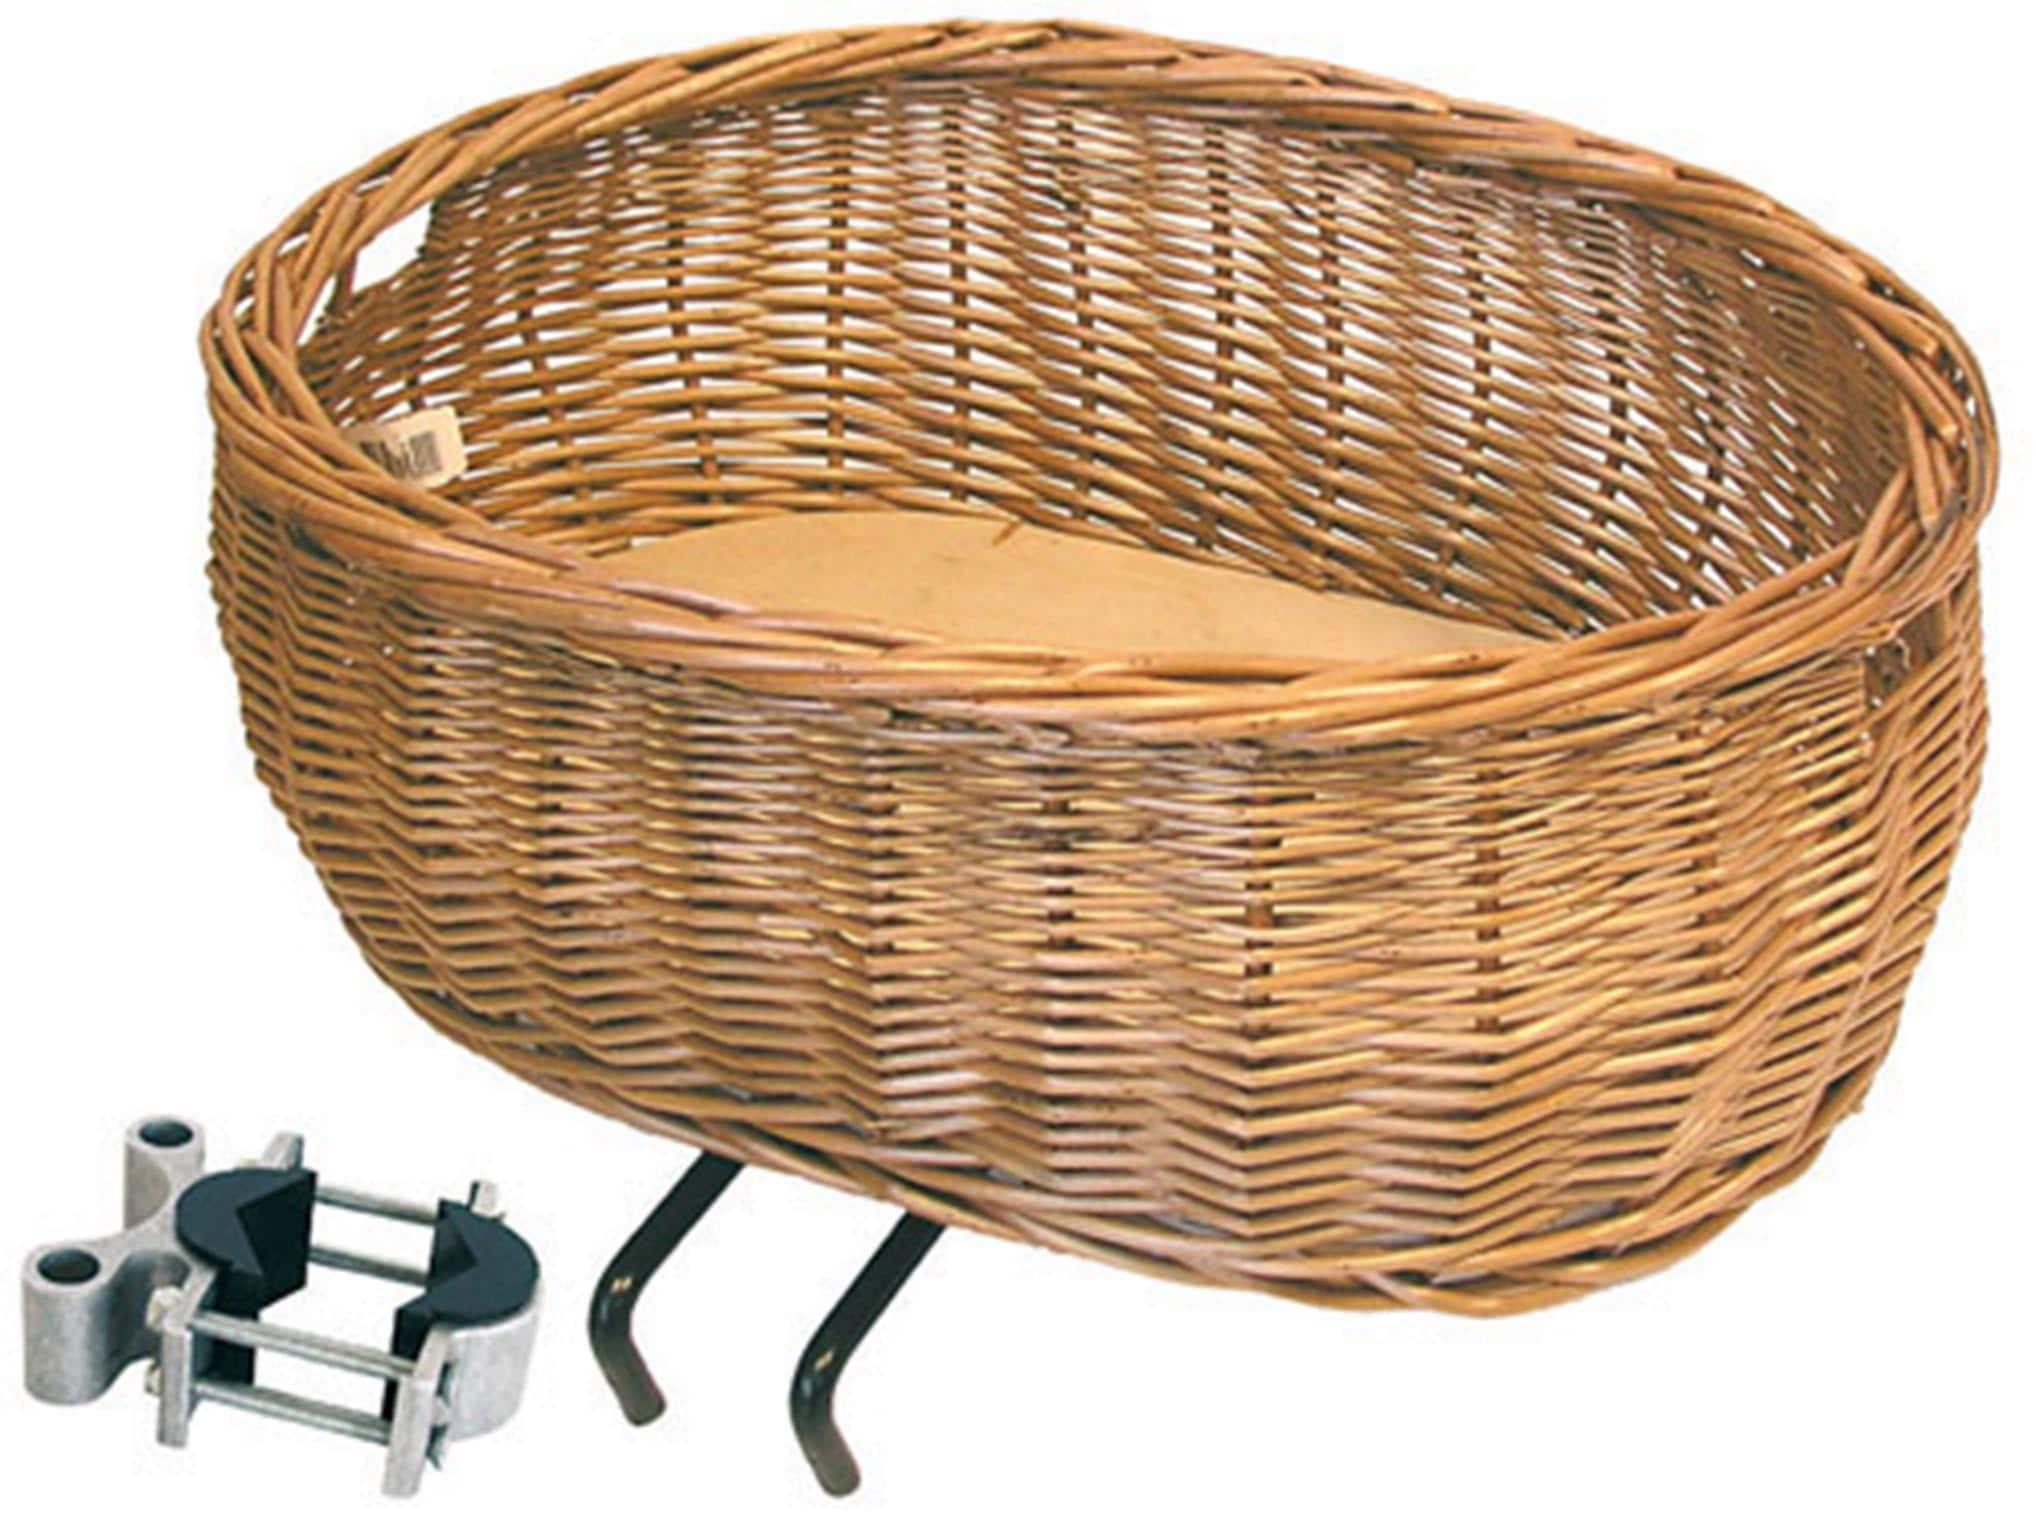 Basil Fahrradkorb Weidenkorb Pluto braun Fahrradkörbe Fahrradzubehör Fahrräder Zubehör Taschen